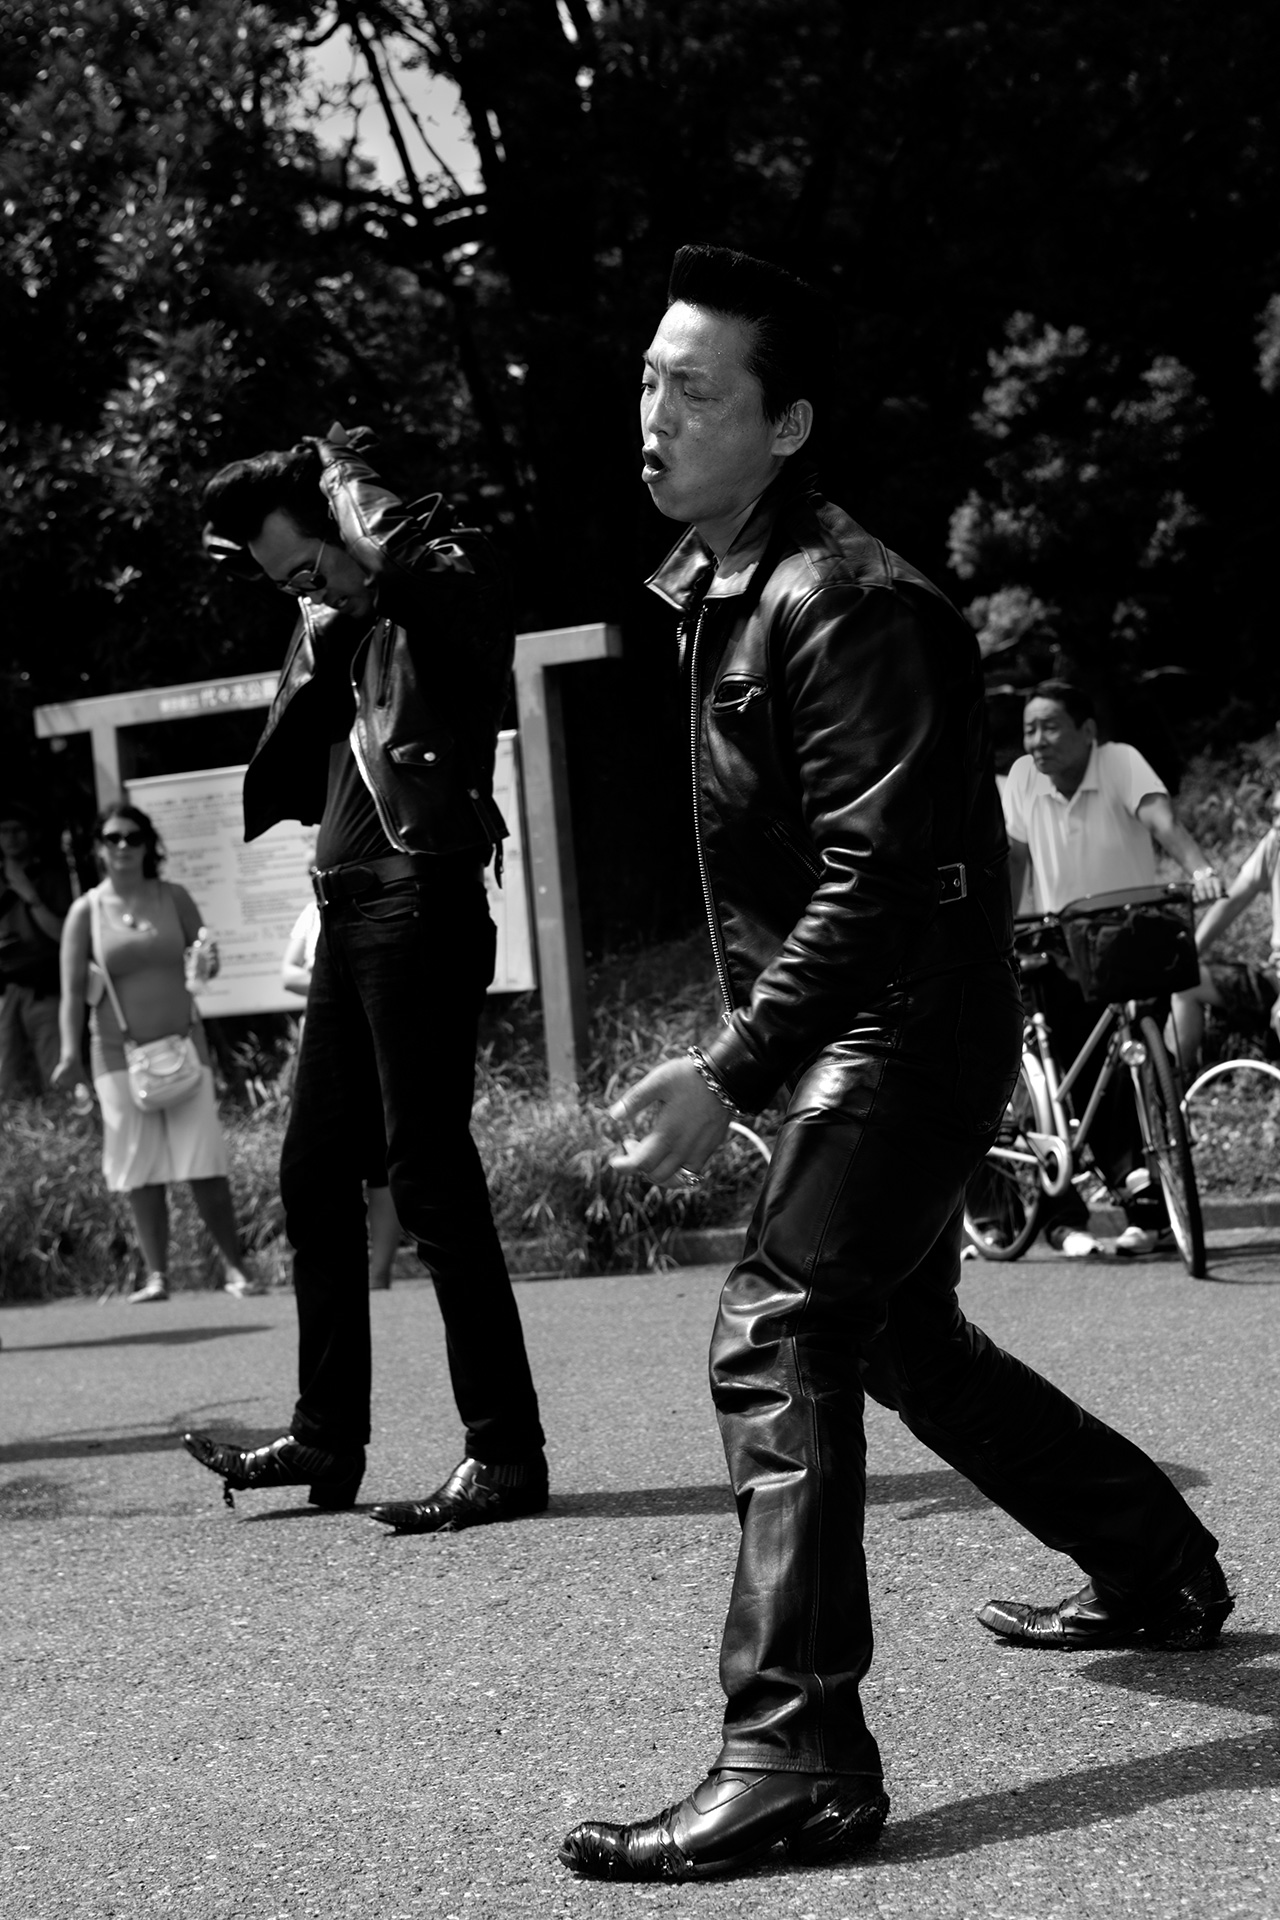 Tokyo Rockabilly Club by Carlos Escolástico